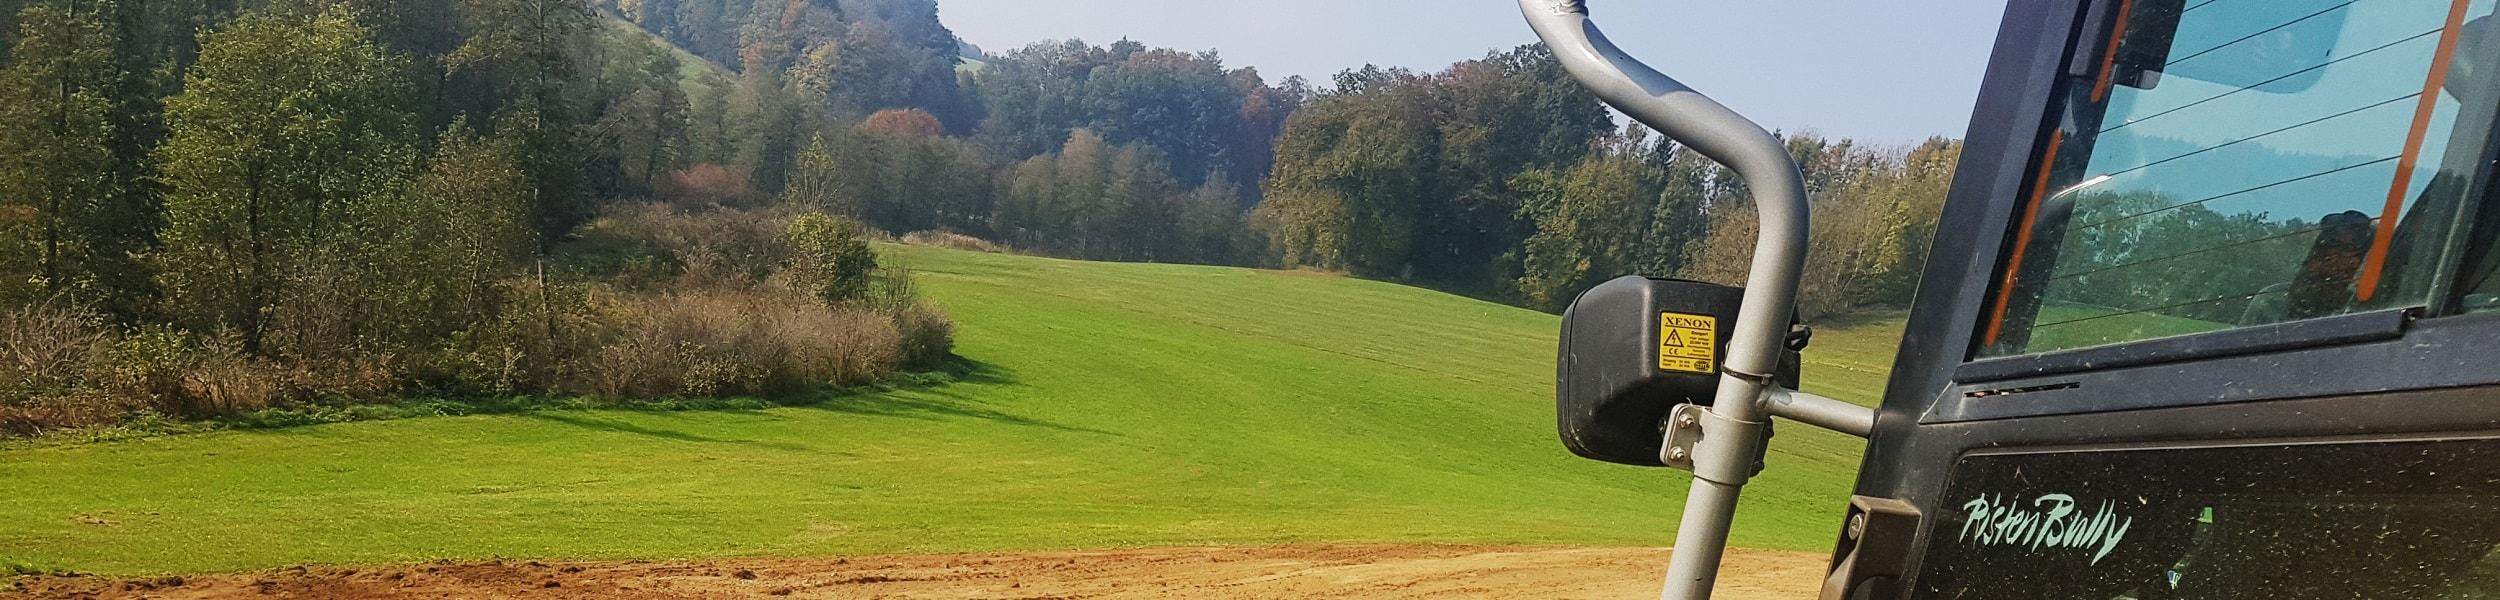 Landschaftspflege Lohnbetrieb PistenBully